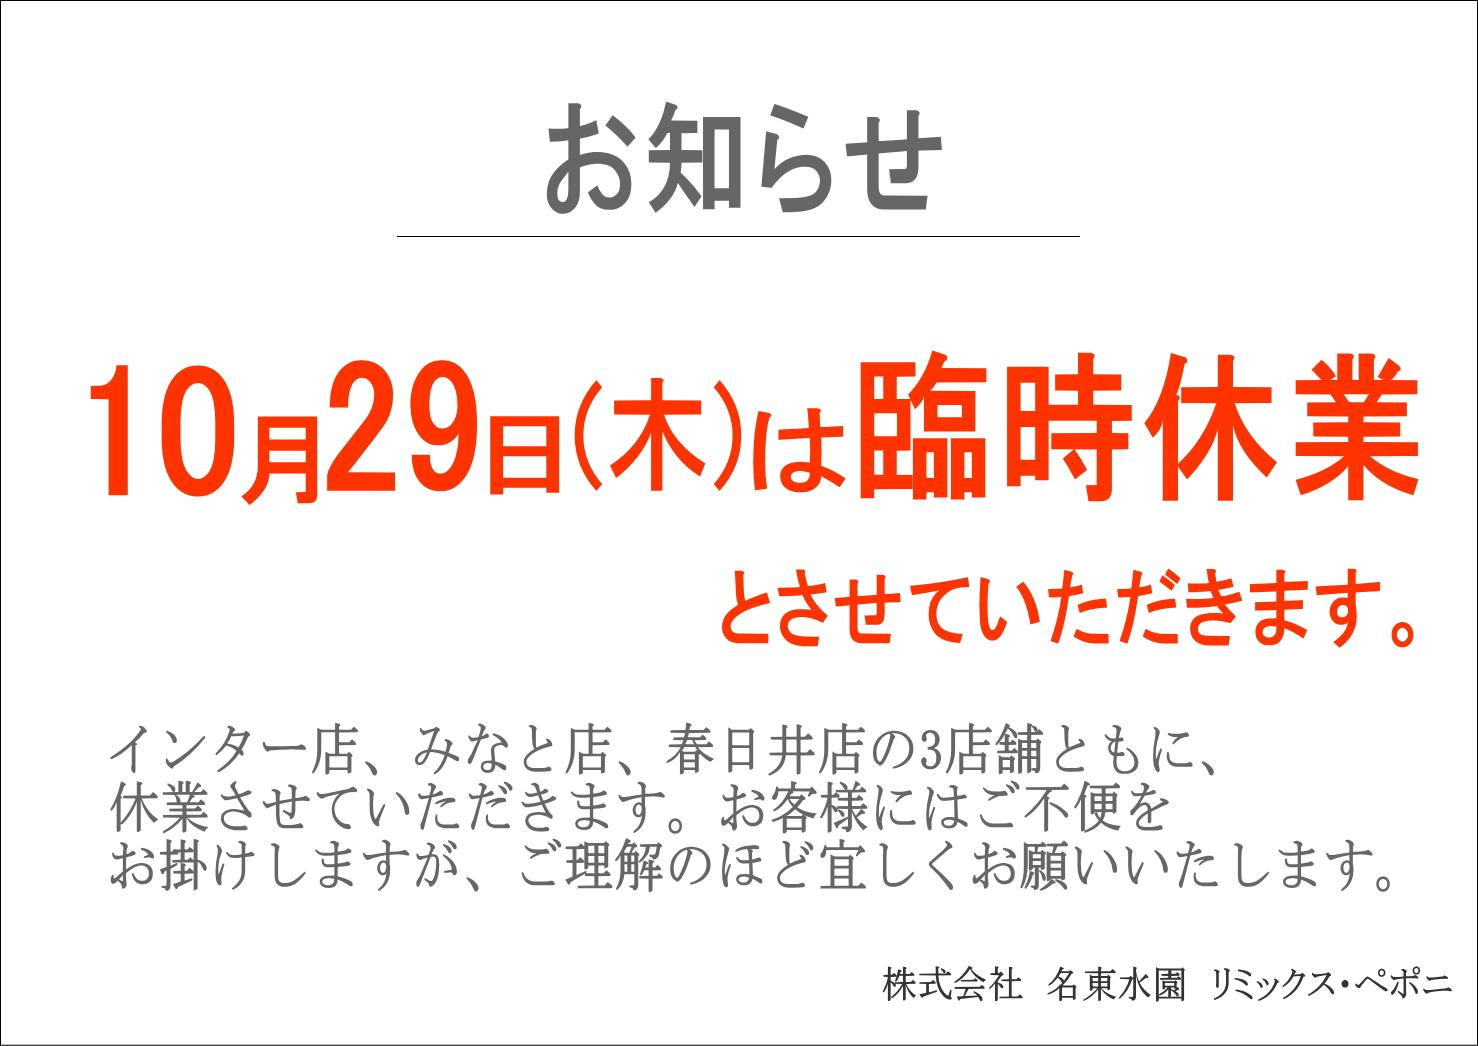 10/29(木)は全店臨時休業!